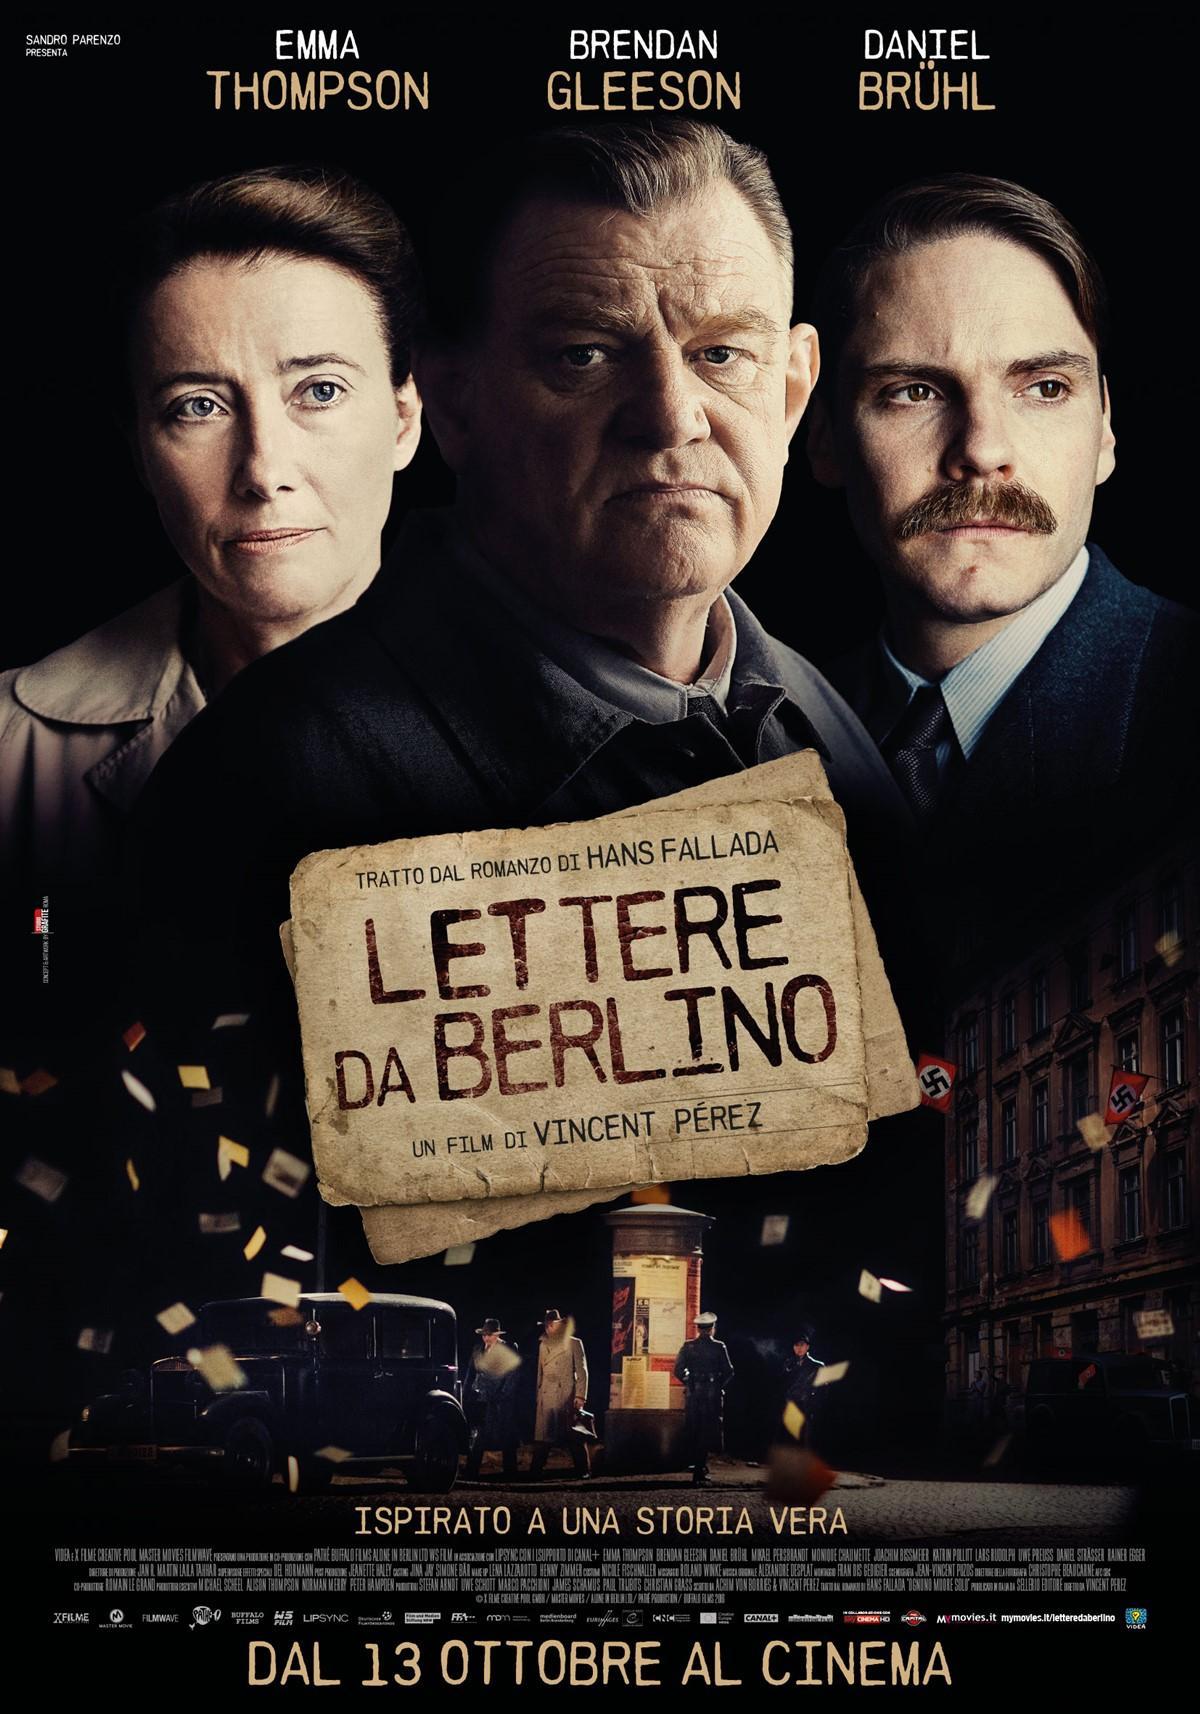 Lettere da Berlino